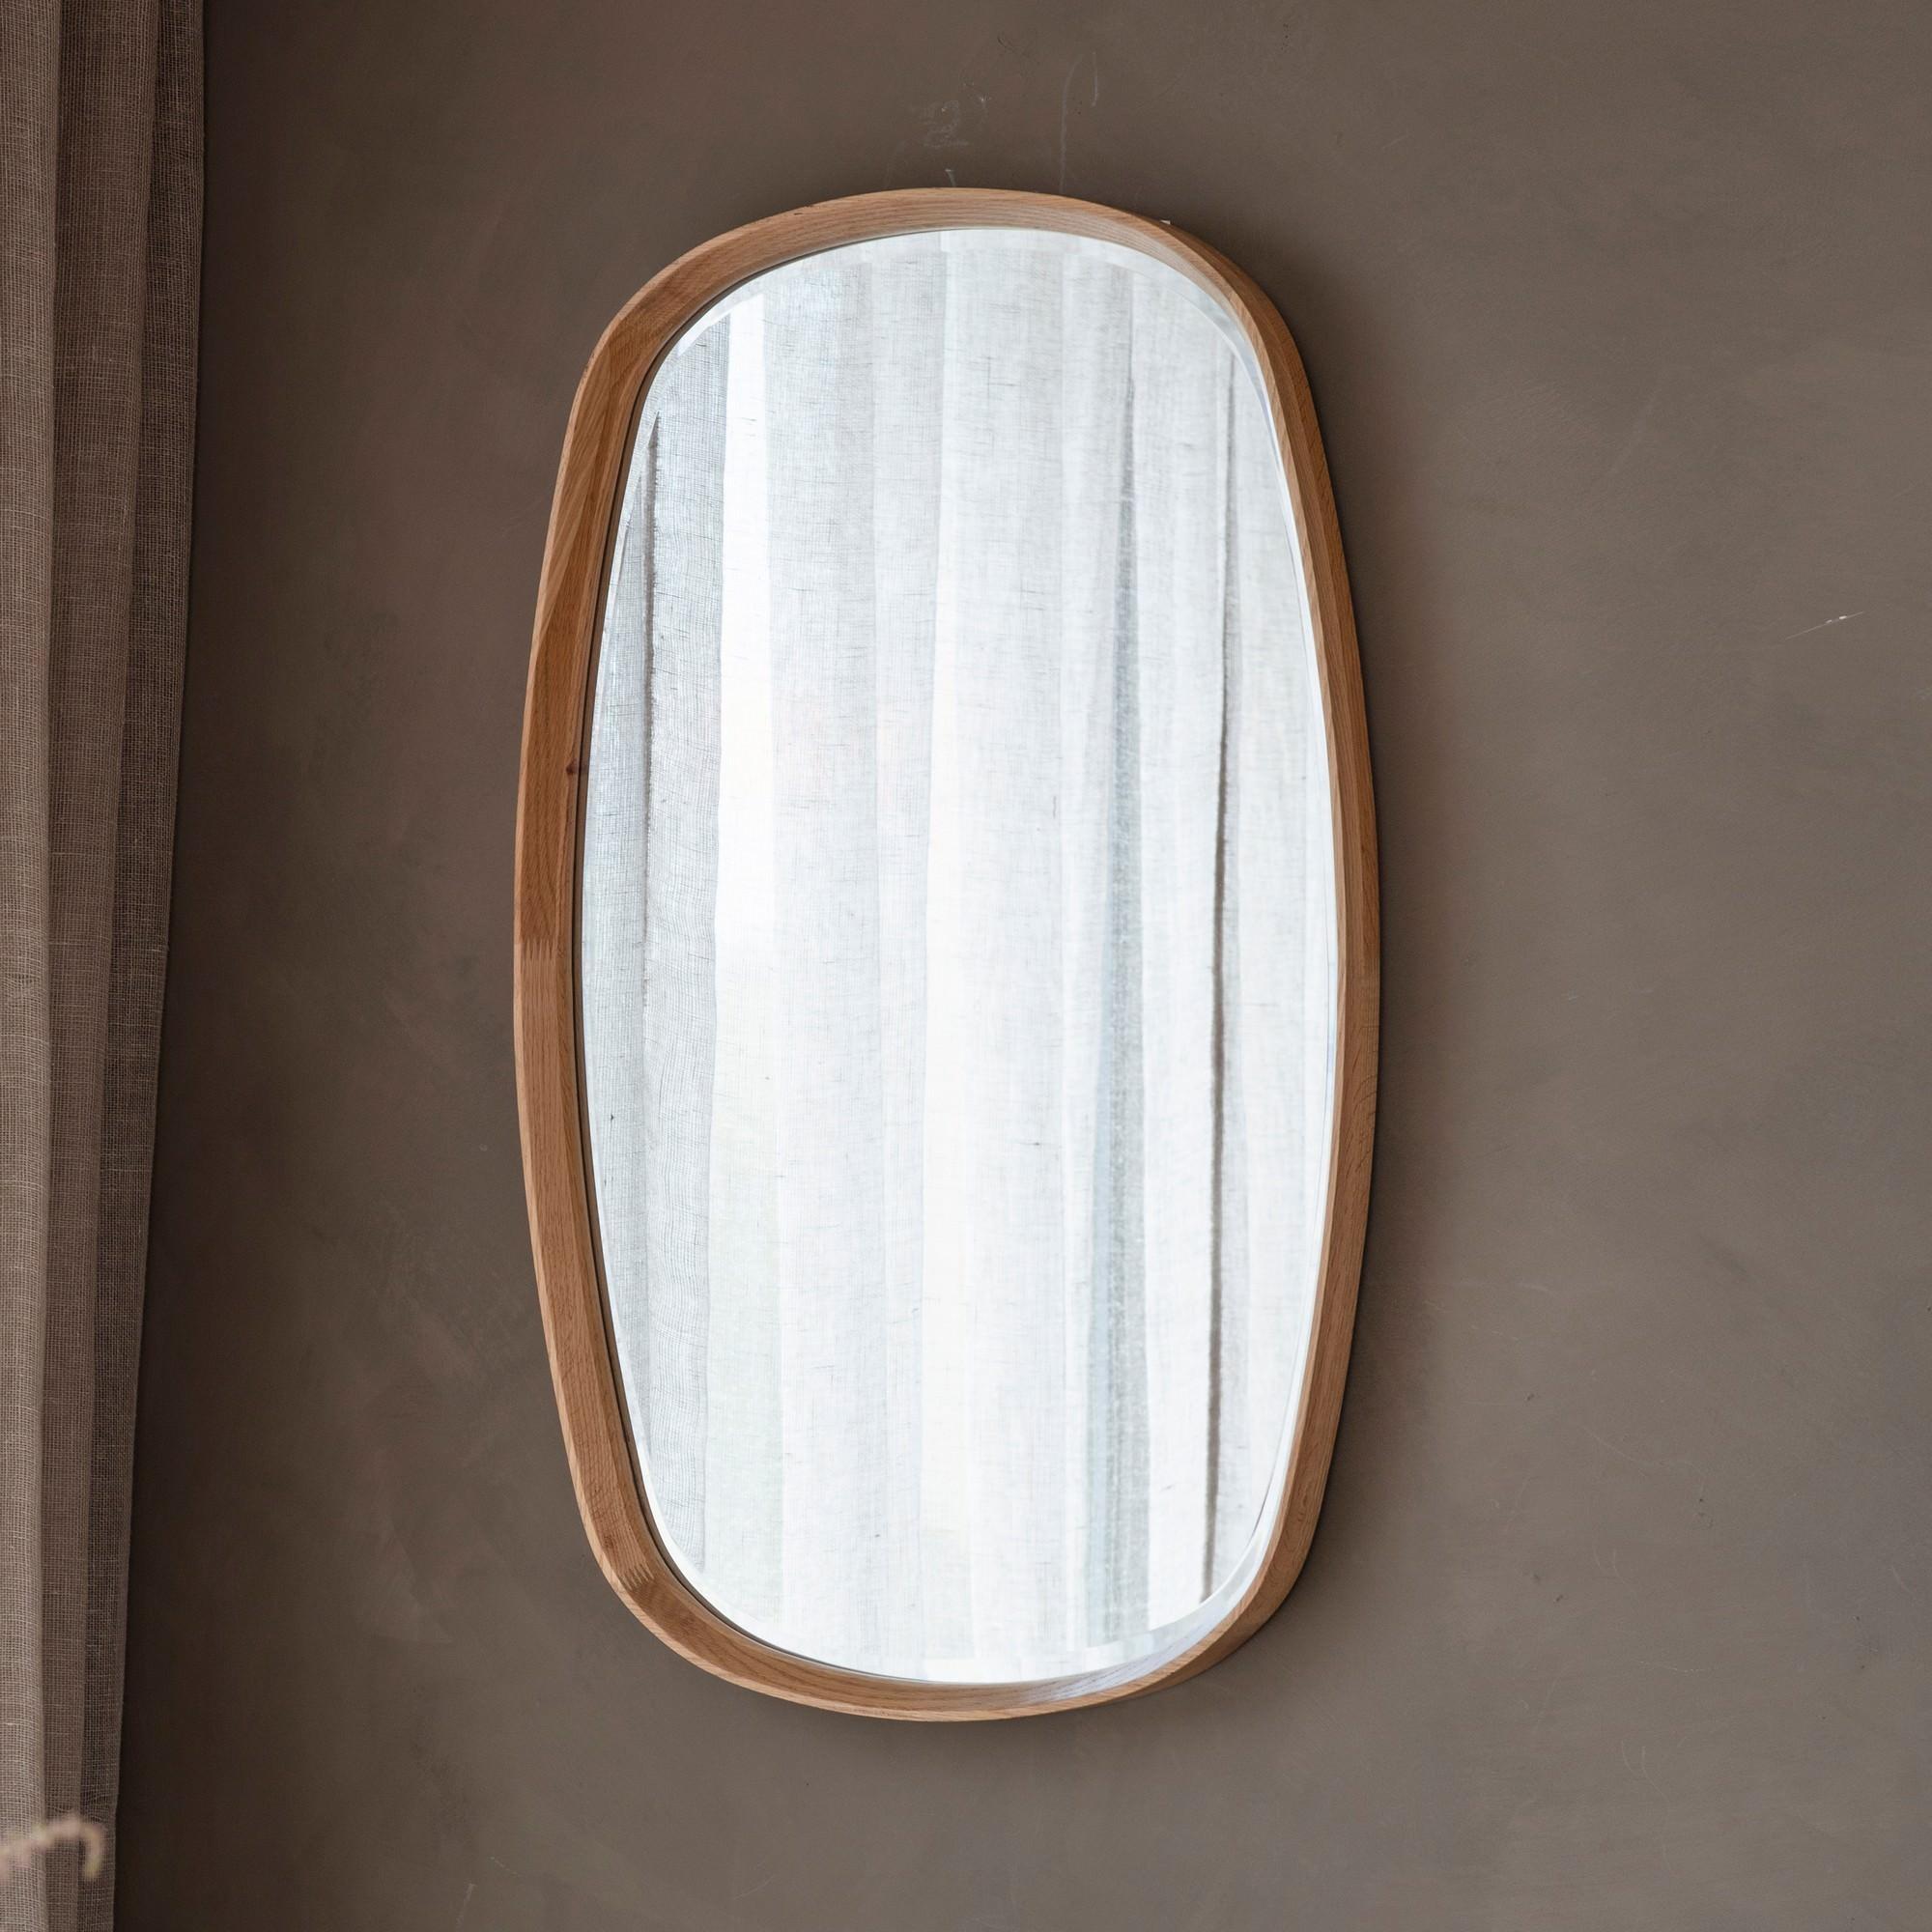 Kalem Wooden Frame Oblong Wall Mirror, 90cm, Oak